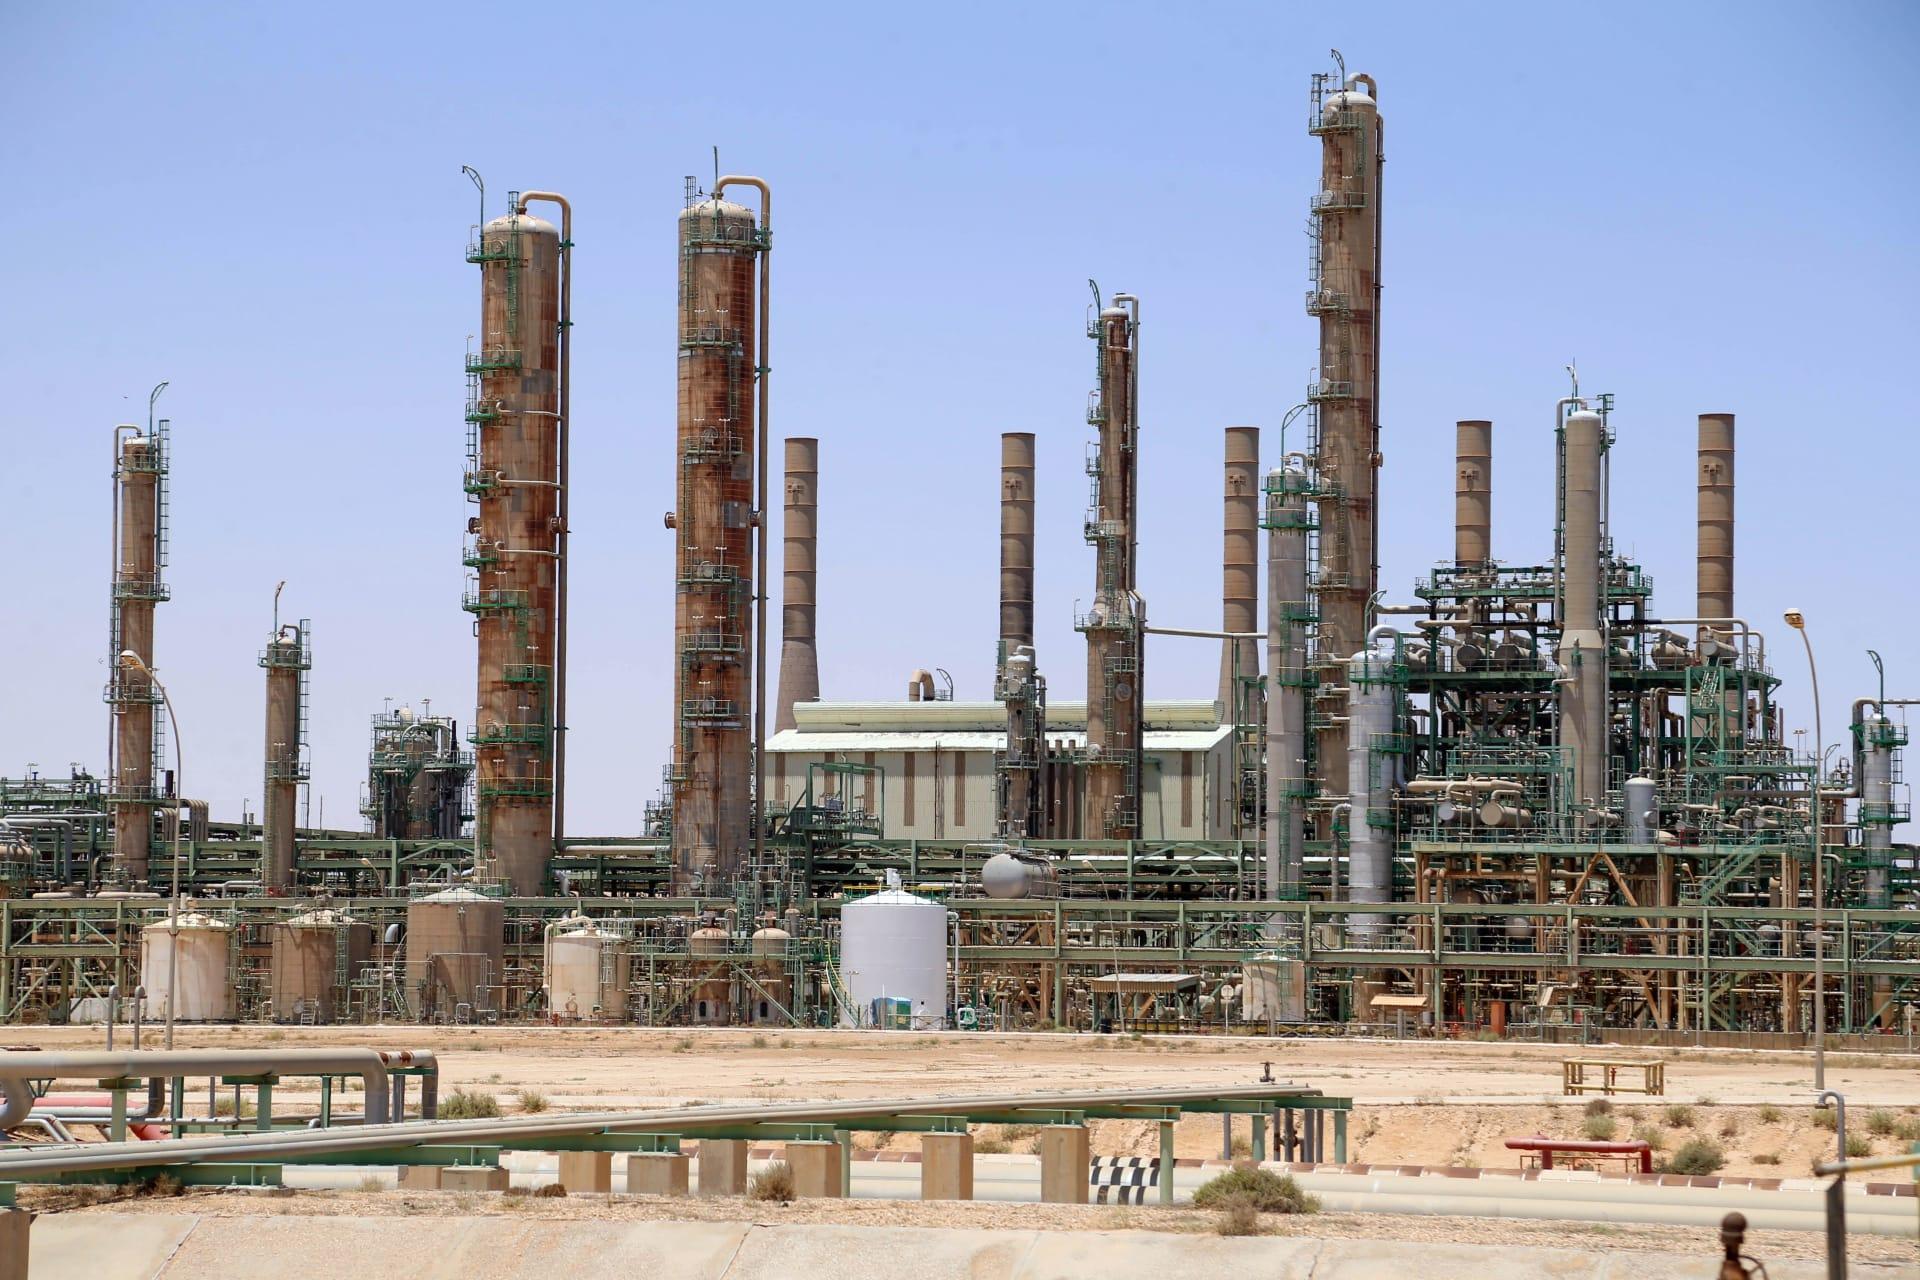 ليبيا.. إعادة تشغيل حقل الشرارة أكبر حقول النفط في البلاد